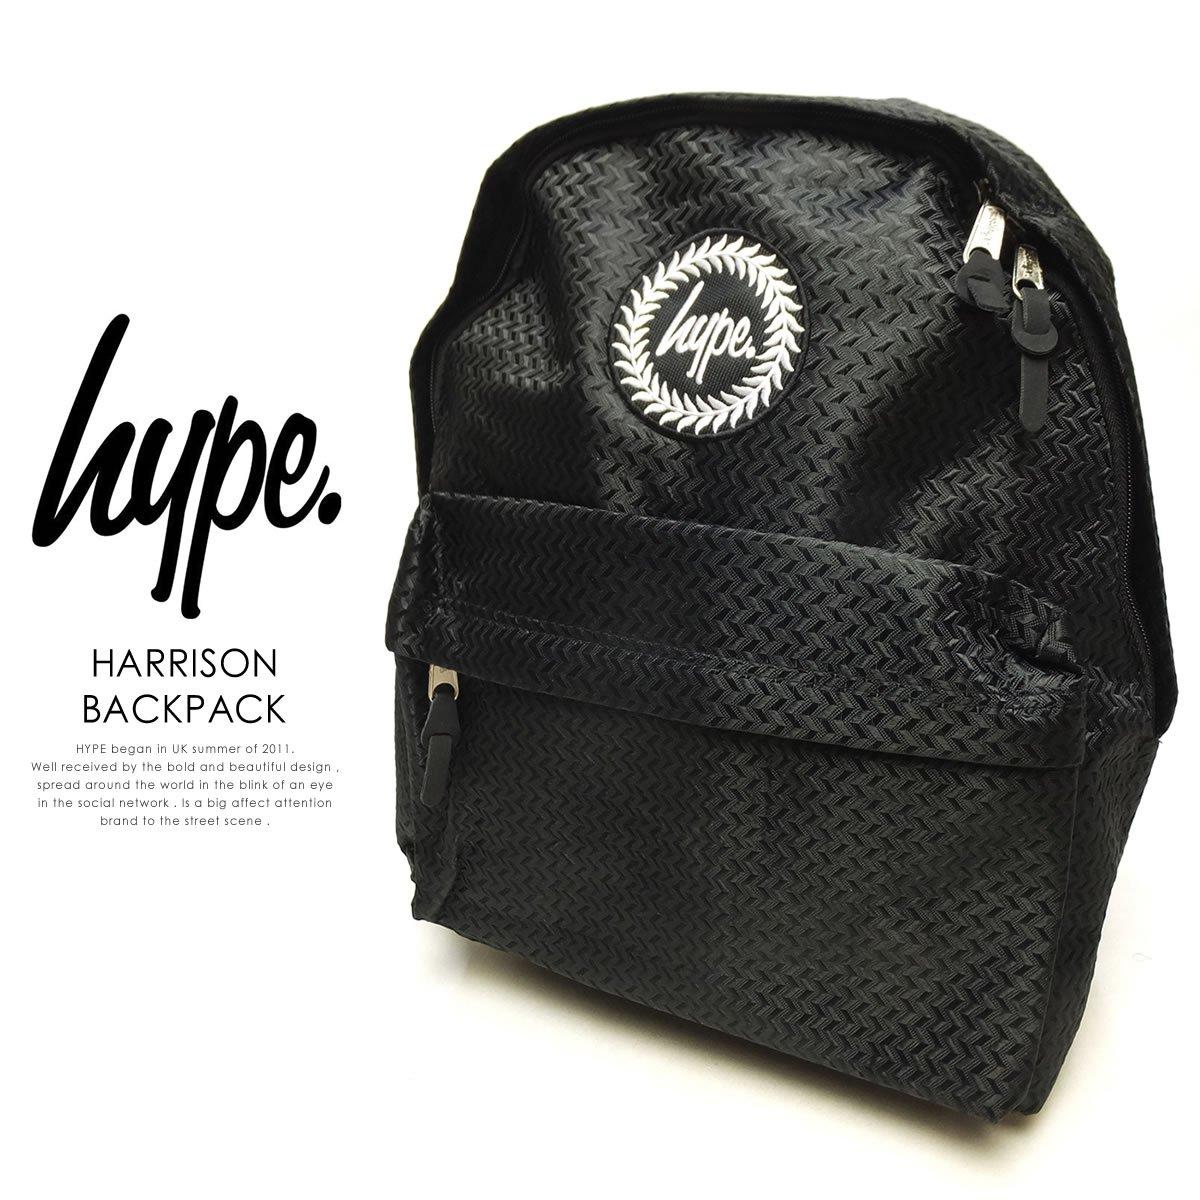 ea2cd88c3c50 グラフィカルなパターンデザインを大胆に落とし込んだブリティッシュストリートブランド #HYPE のバックパックが入荷。 ...